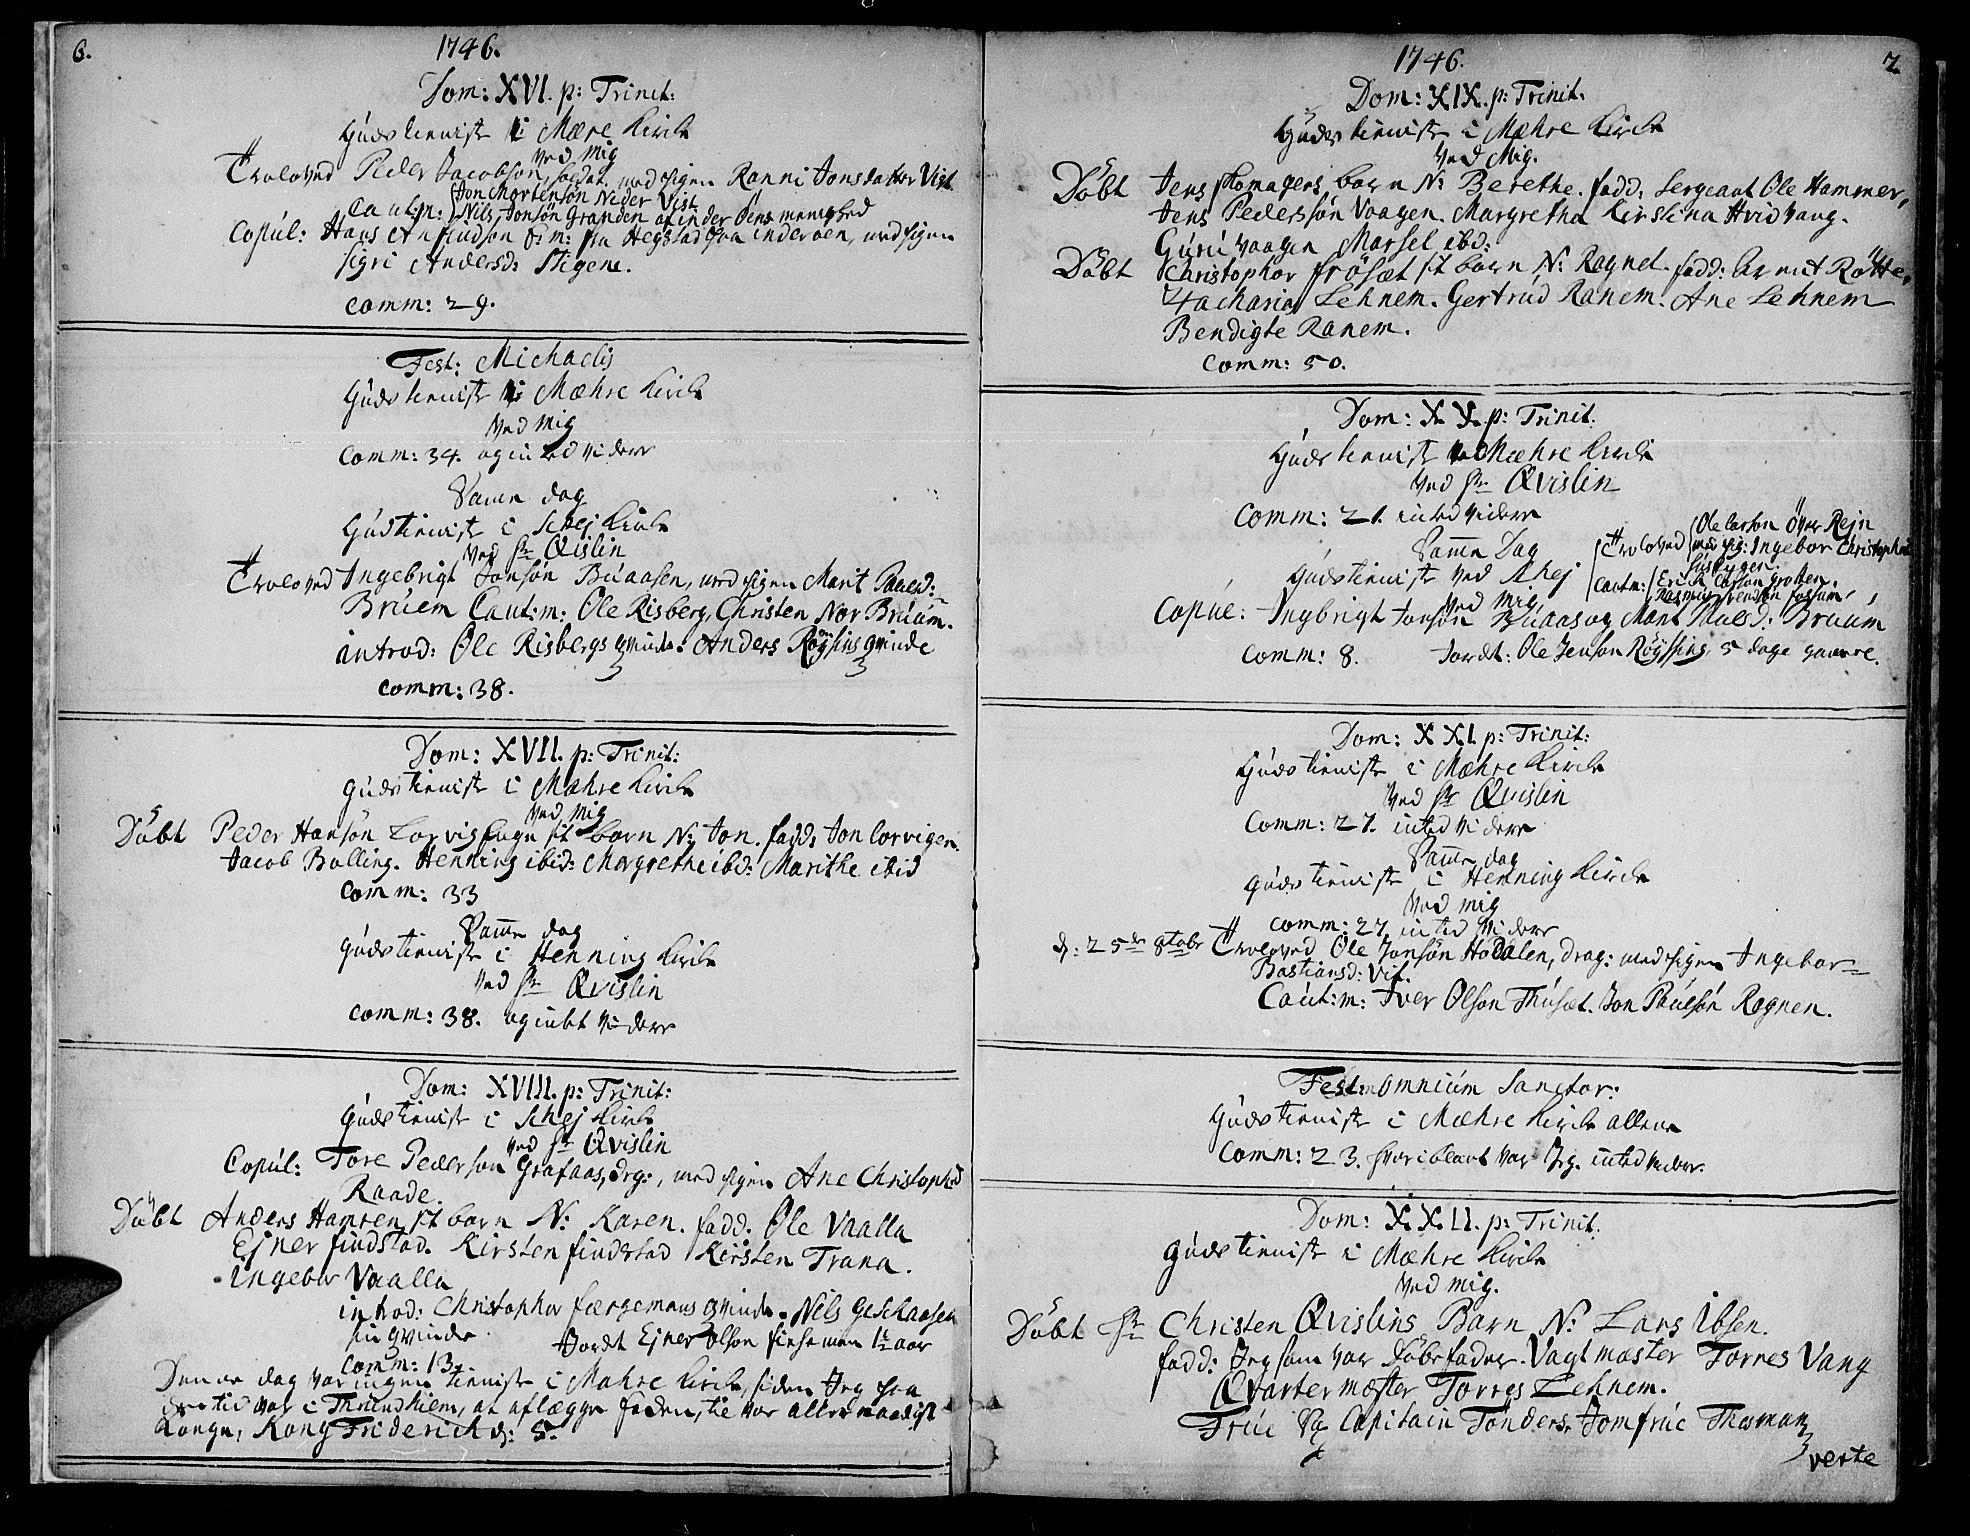 SAT, Ministerialprotokoller, klokkerbøker og fødselsregistre - Nord-Trøndelag, 735/L0330: Ministerialbok nr. 735A01, 1740-1766, s. 6-7